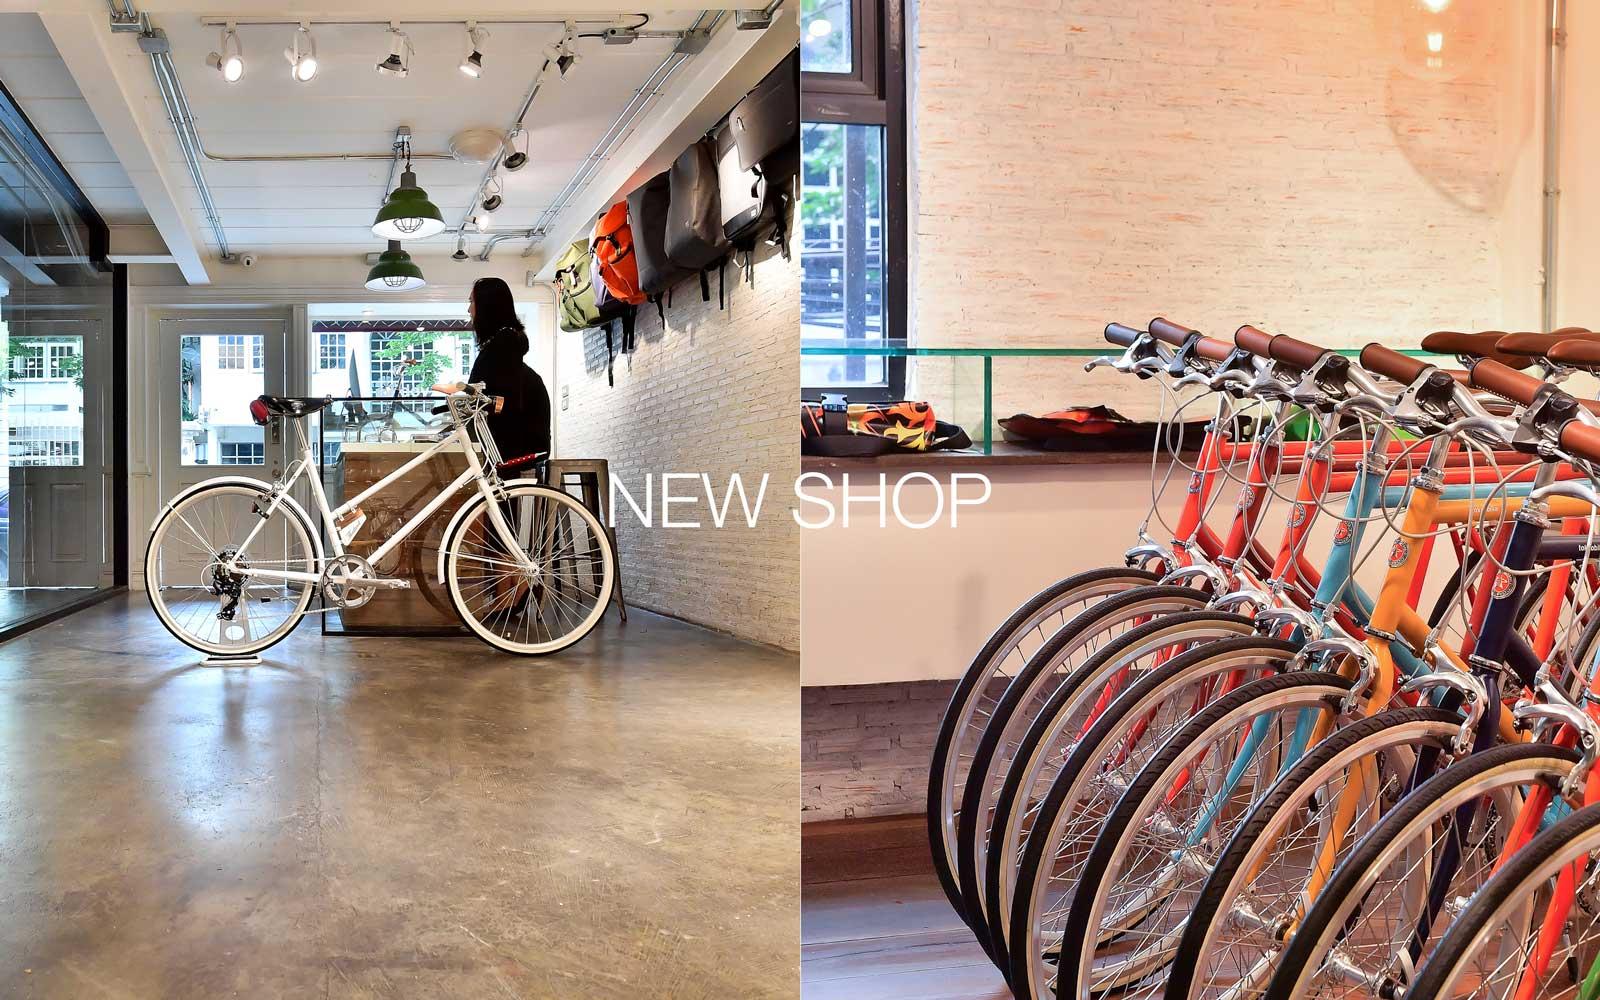 ร้านจักรยาน โตเกียวไบค์ ขายจักรยาน และ อุปกรณ์จักรยาน - tokyo bike